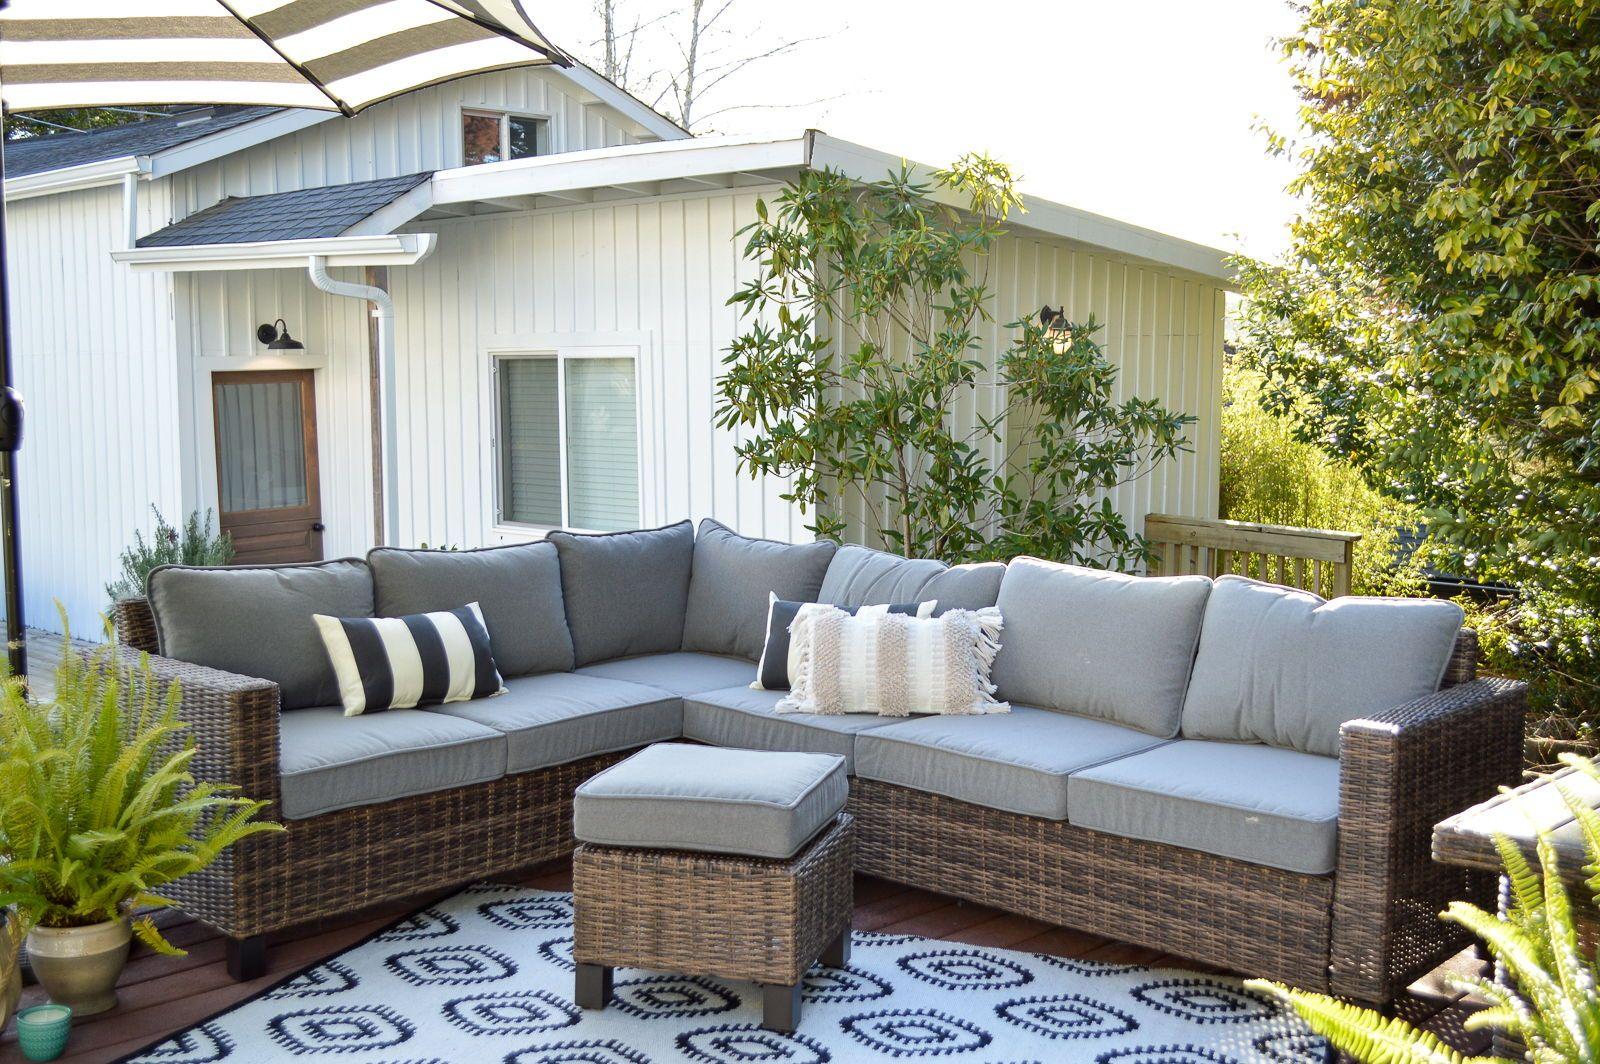 3b358a8565b7b9ef9cd51fc741ddc9b3 - Better Homes And Gardens Brookbury 5 Piece Patio